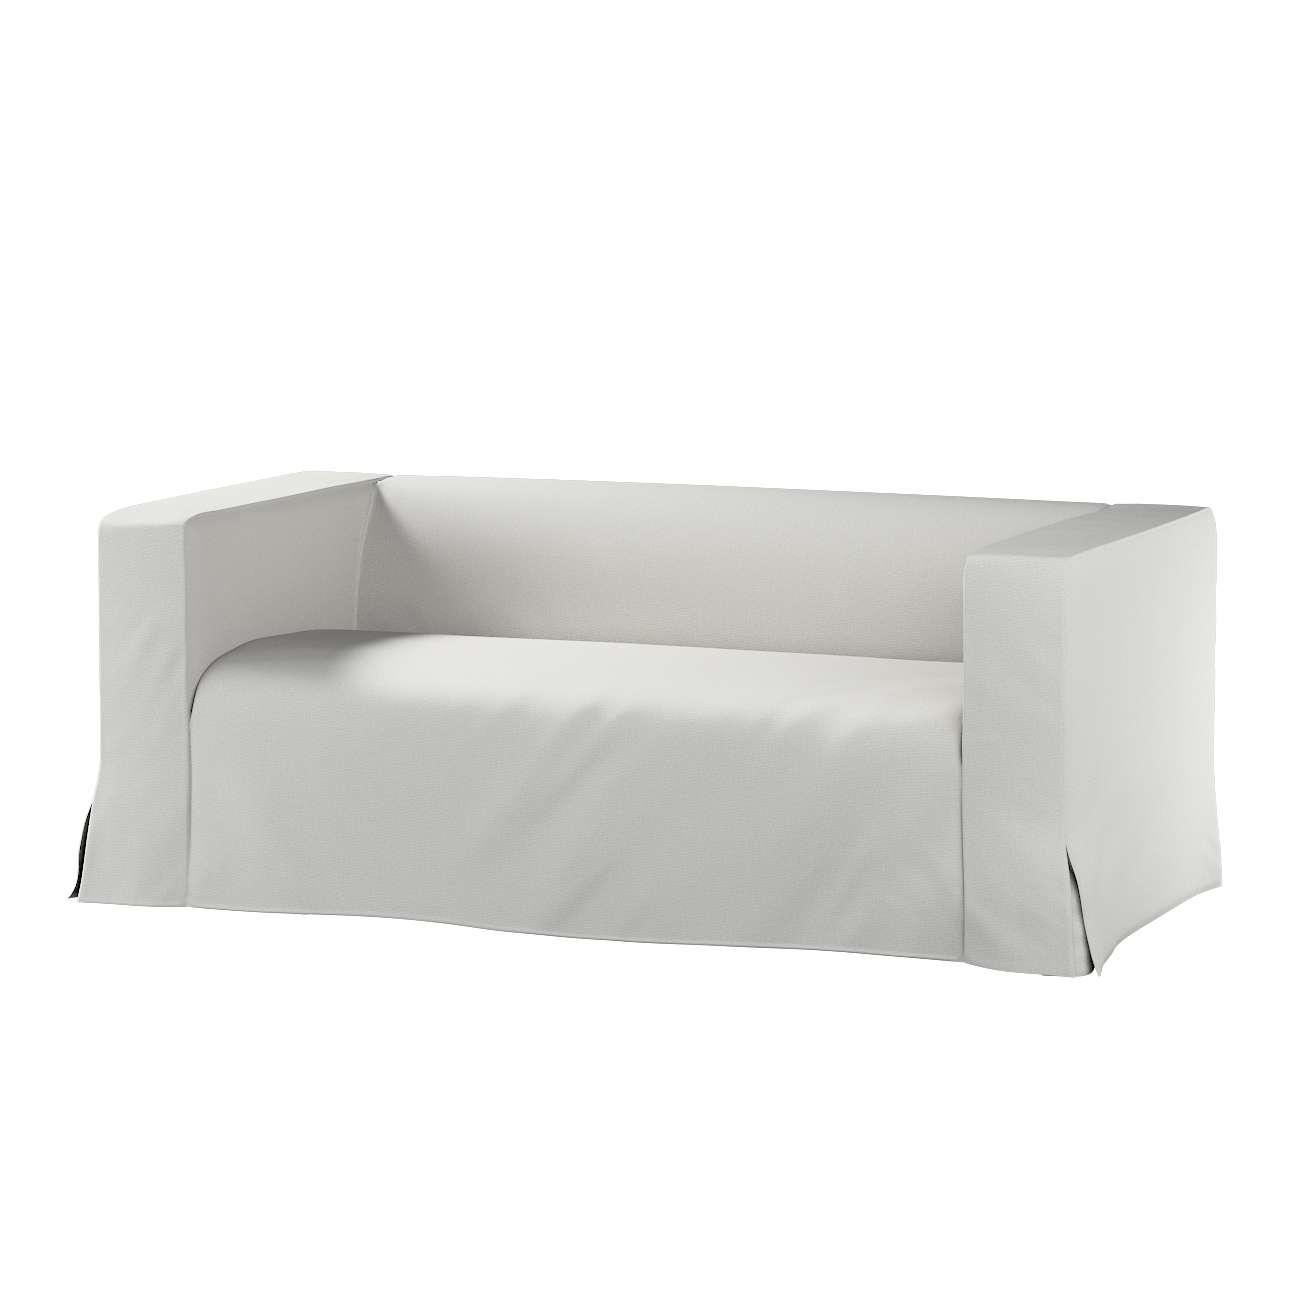 Klippan dvivietės sofos užvalkalas (ilgas, iki žemės) Klippan dvivietės sofos užvalkalas (ilgas, iki žemės) kolekcijoje Etna , audinys: 705-90